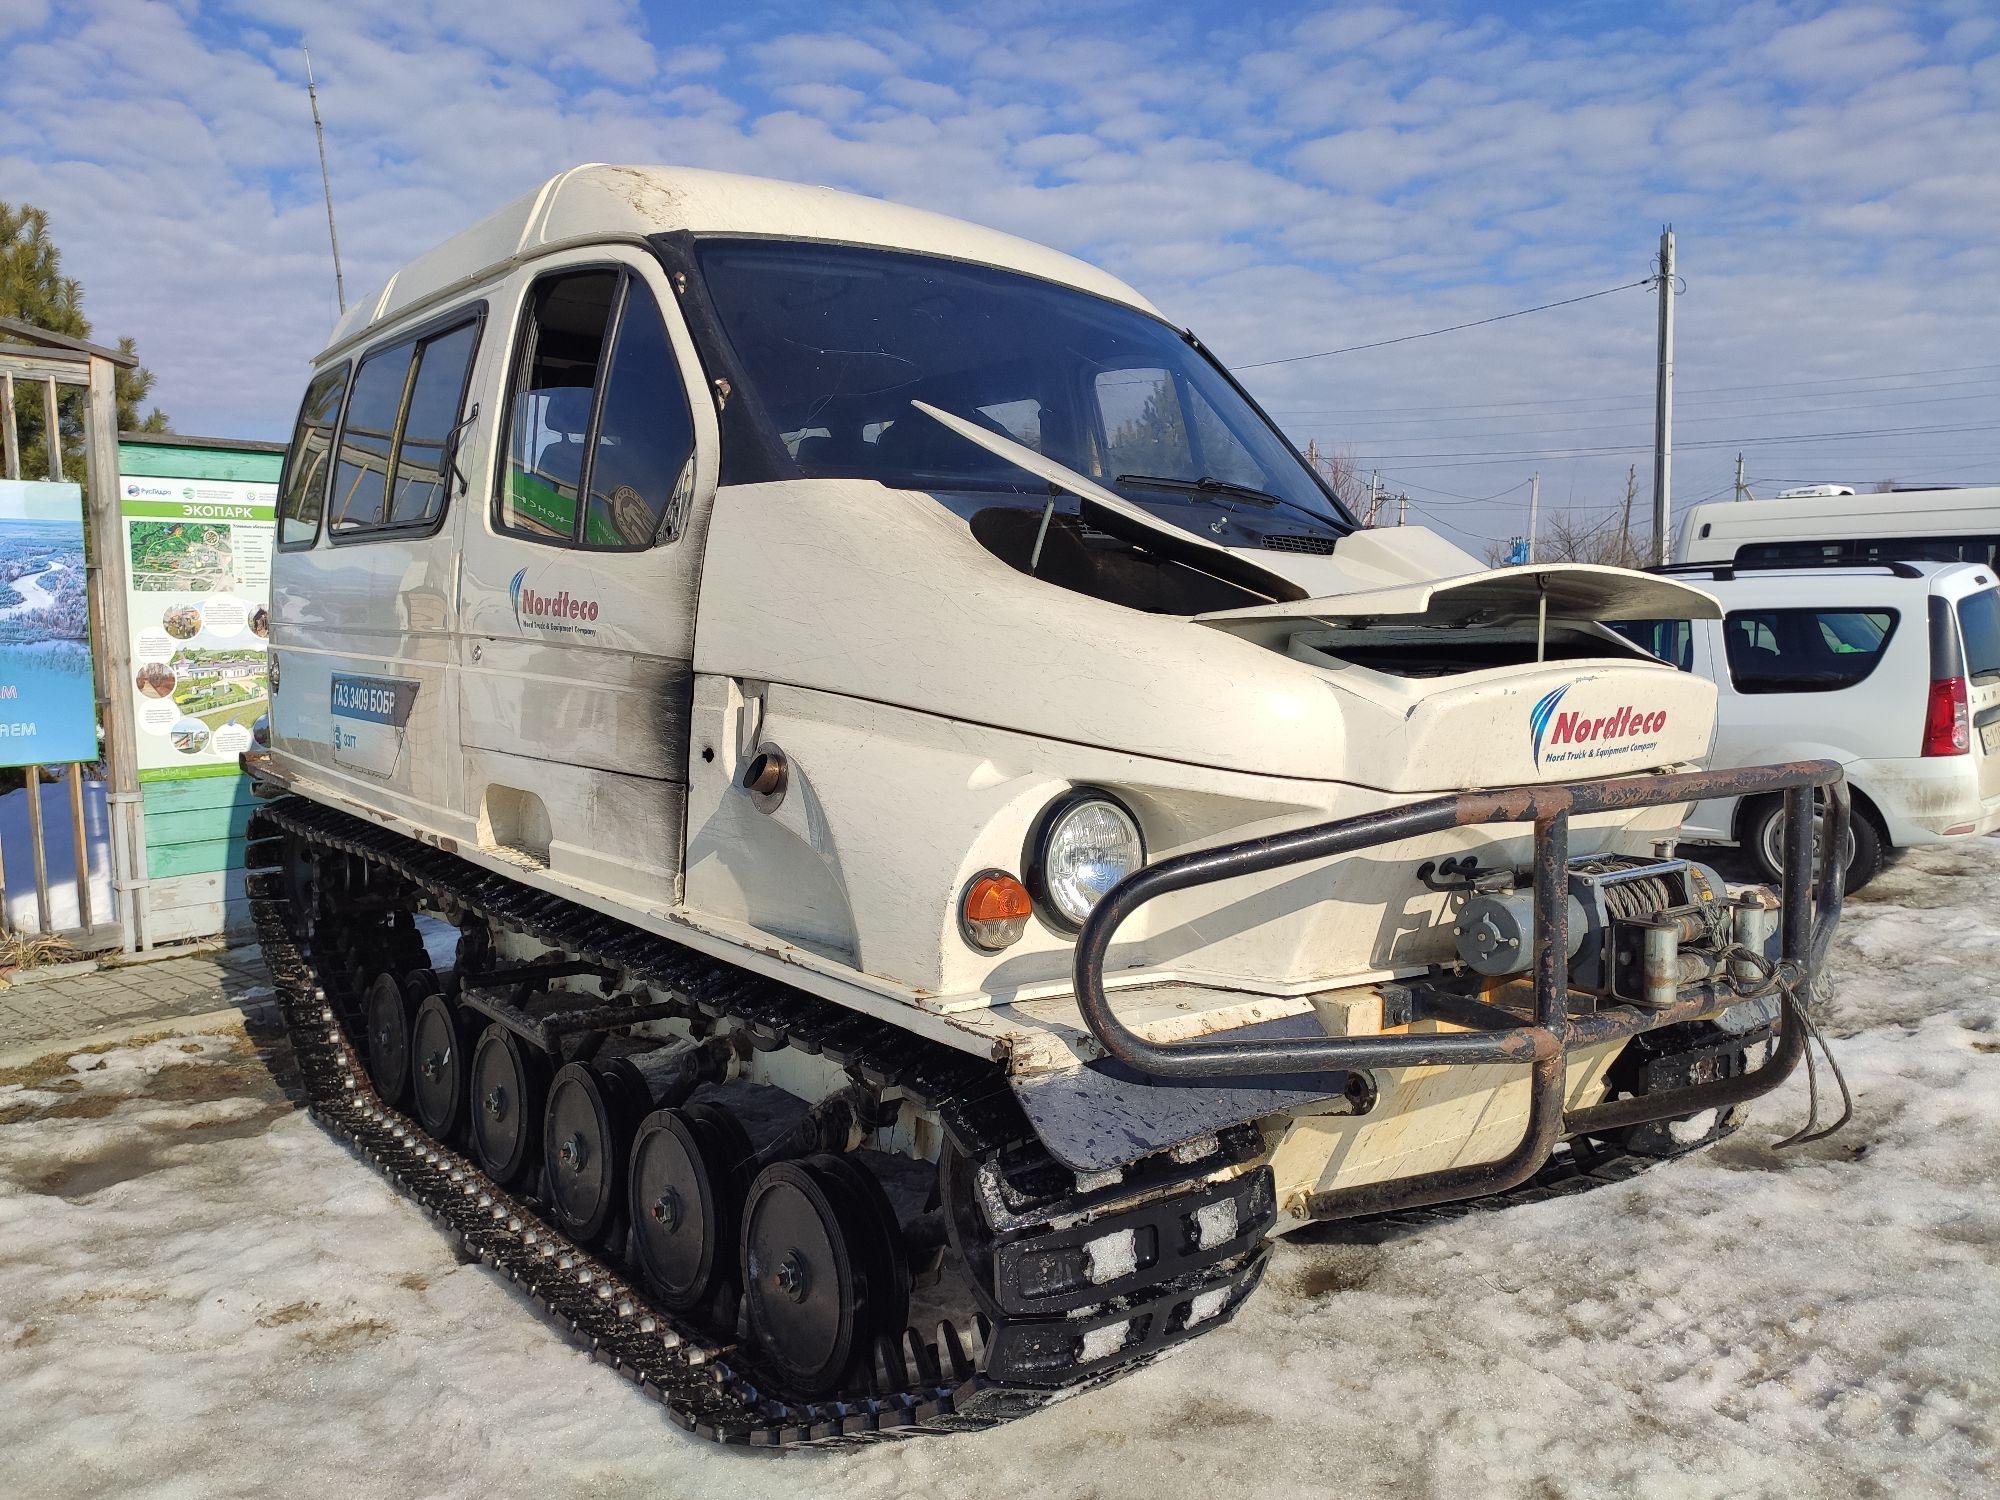 """Наша карета под кодовым названием """"Бобр"""" подана. От поселка до кордона, где нам предстояло прожить несколько дней, кроме этого снегоболотохода добраться ни на чем невозможно ибо снег. Местами снег переходит в воду, что никак не облегчает передвижение."""